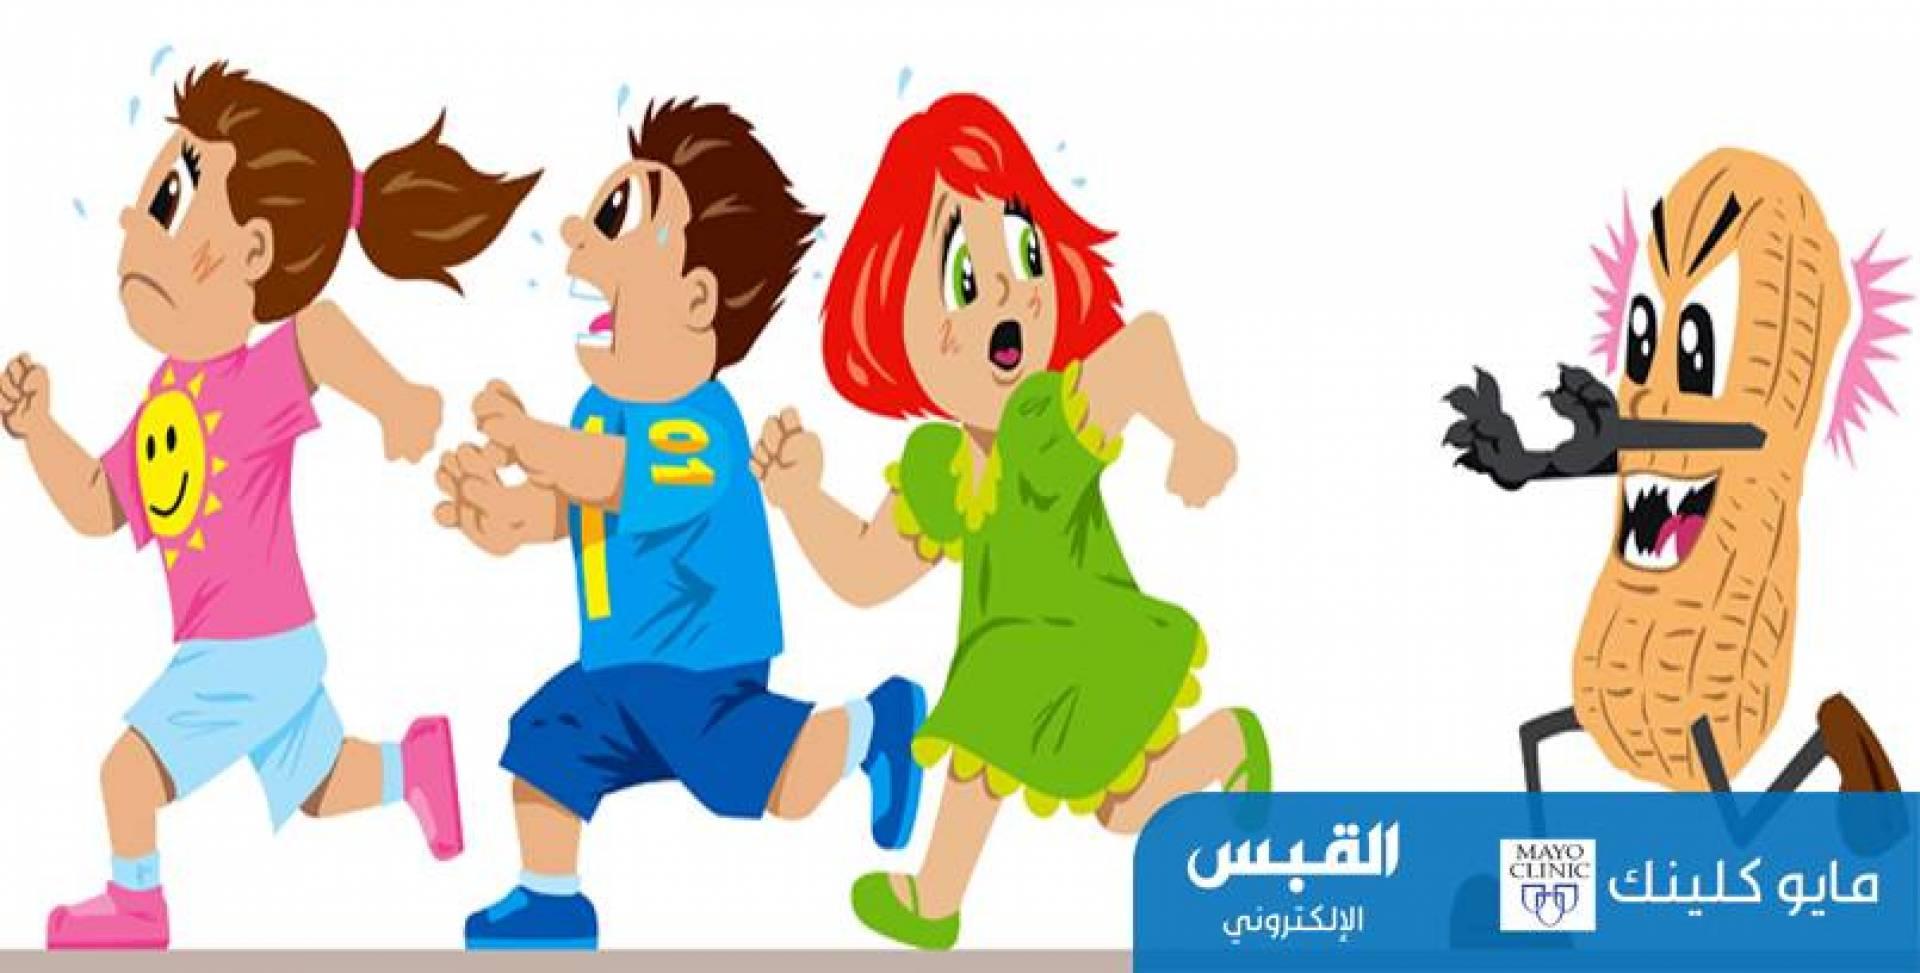 حساسية الفول السوداني تصيب الأطفال بكثرة!